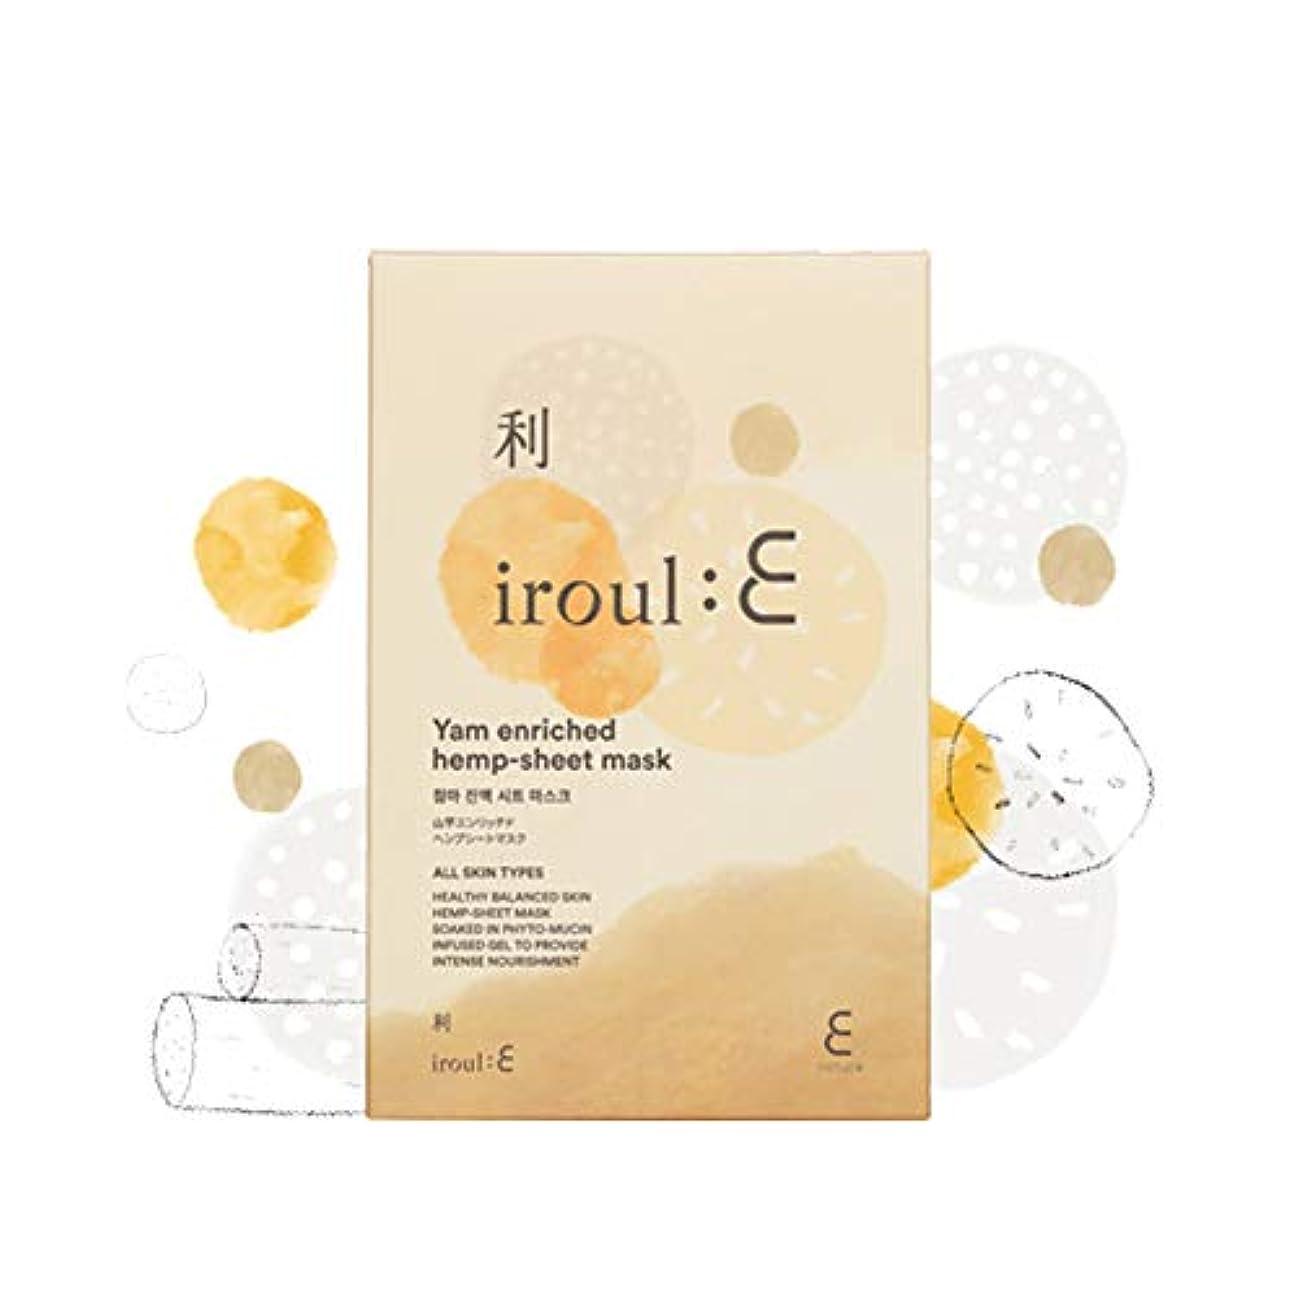 飲み込む枯渇匹敵します【ENATURE 日本公式サイト】 Iroul E 山芋エンリッチドヘンプシートマスク 35gx5枚 韓国コスメ スキンケア